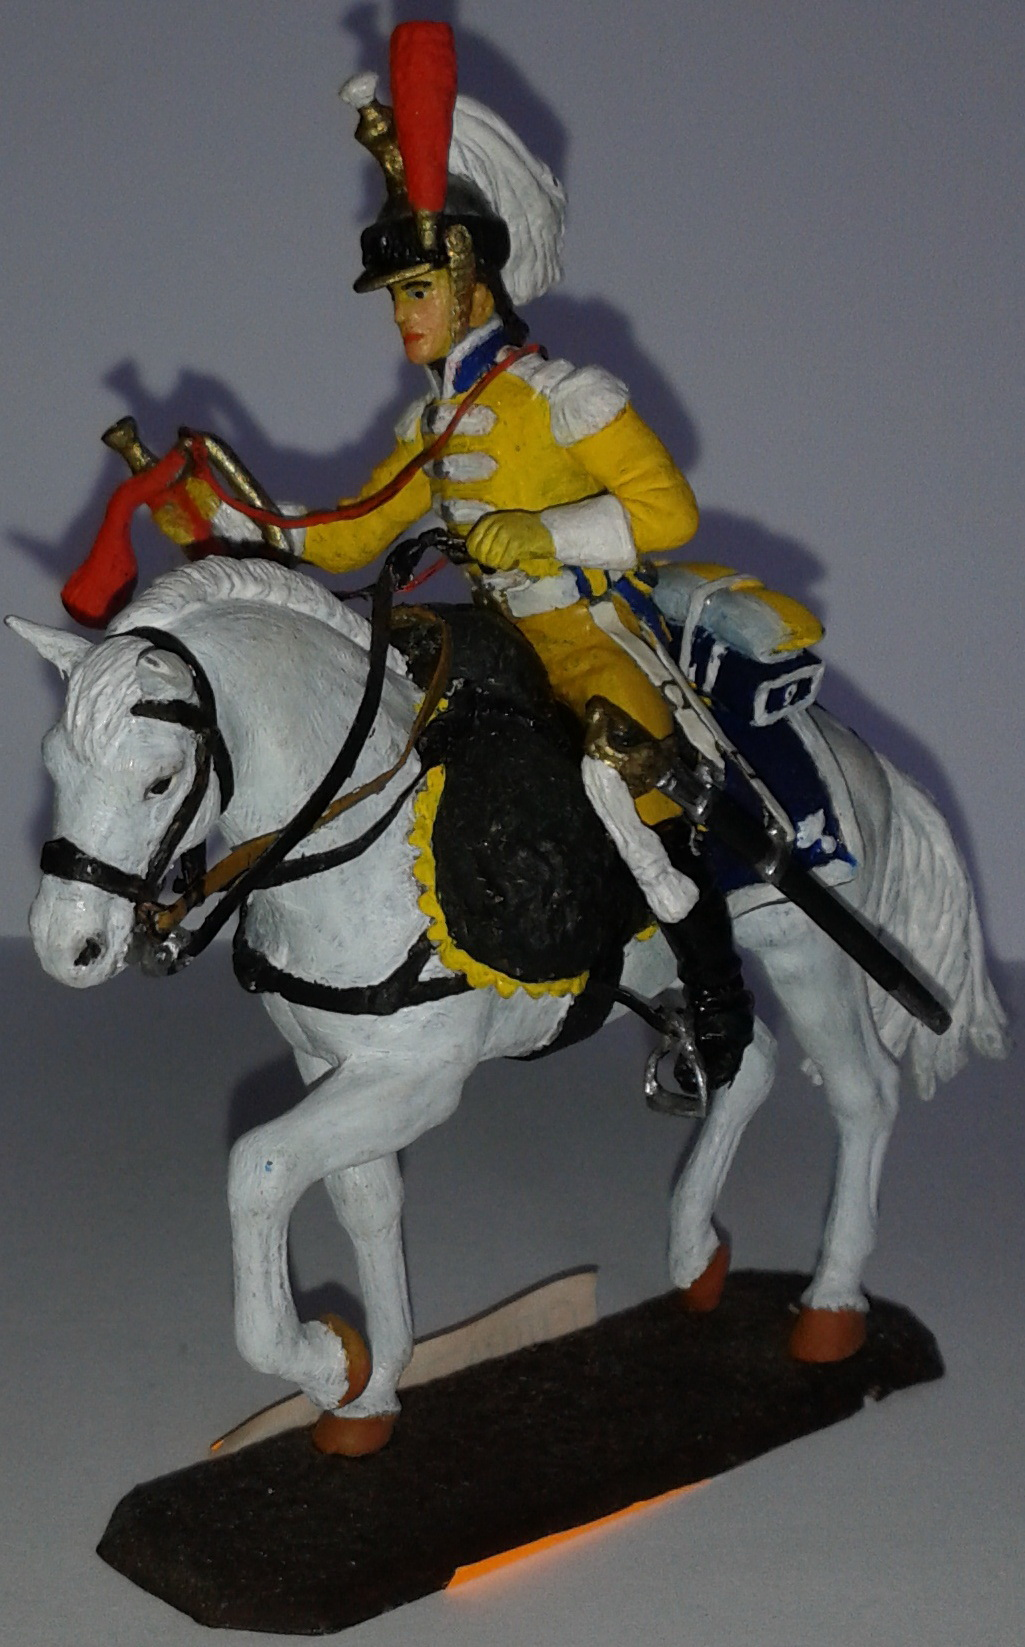 """Історична мініатюра. """"Лейтенант Кінно-єгерського полку. Імператорська гвардія. Перша Французька імперія. 1804-1815"""""""